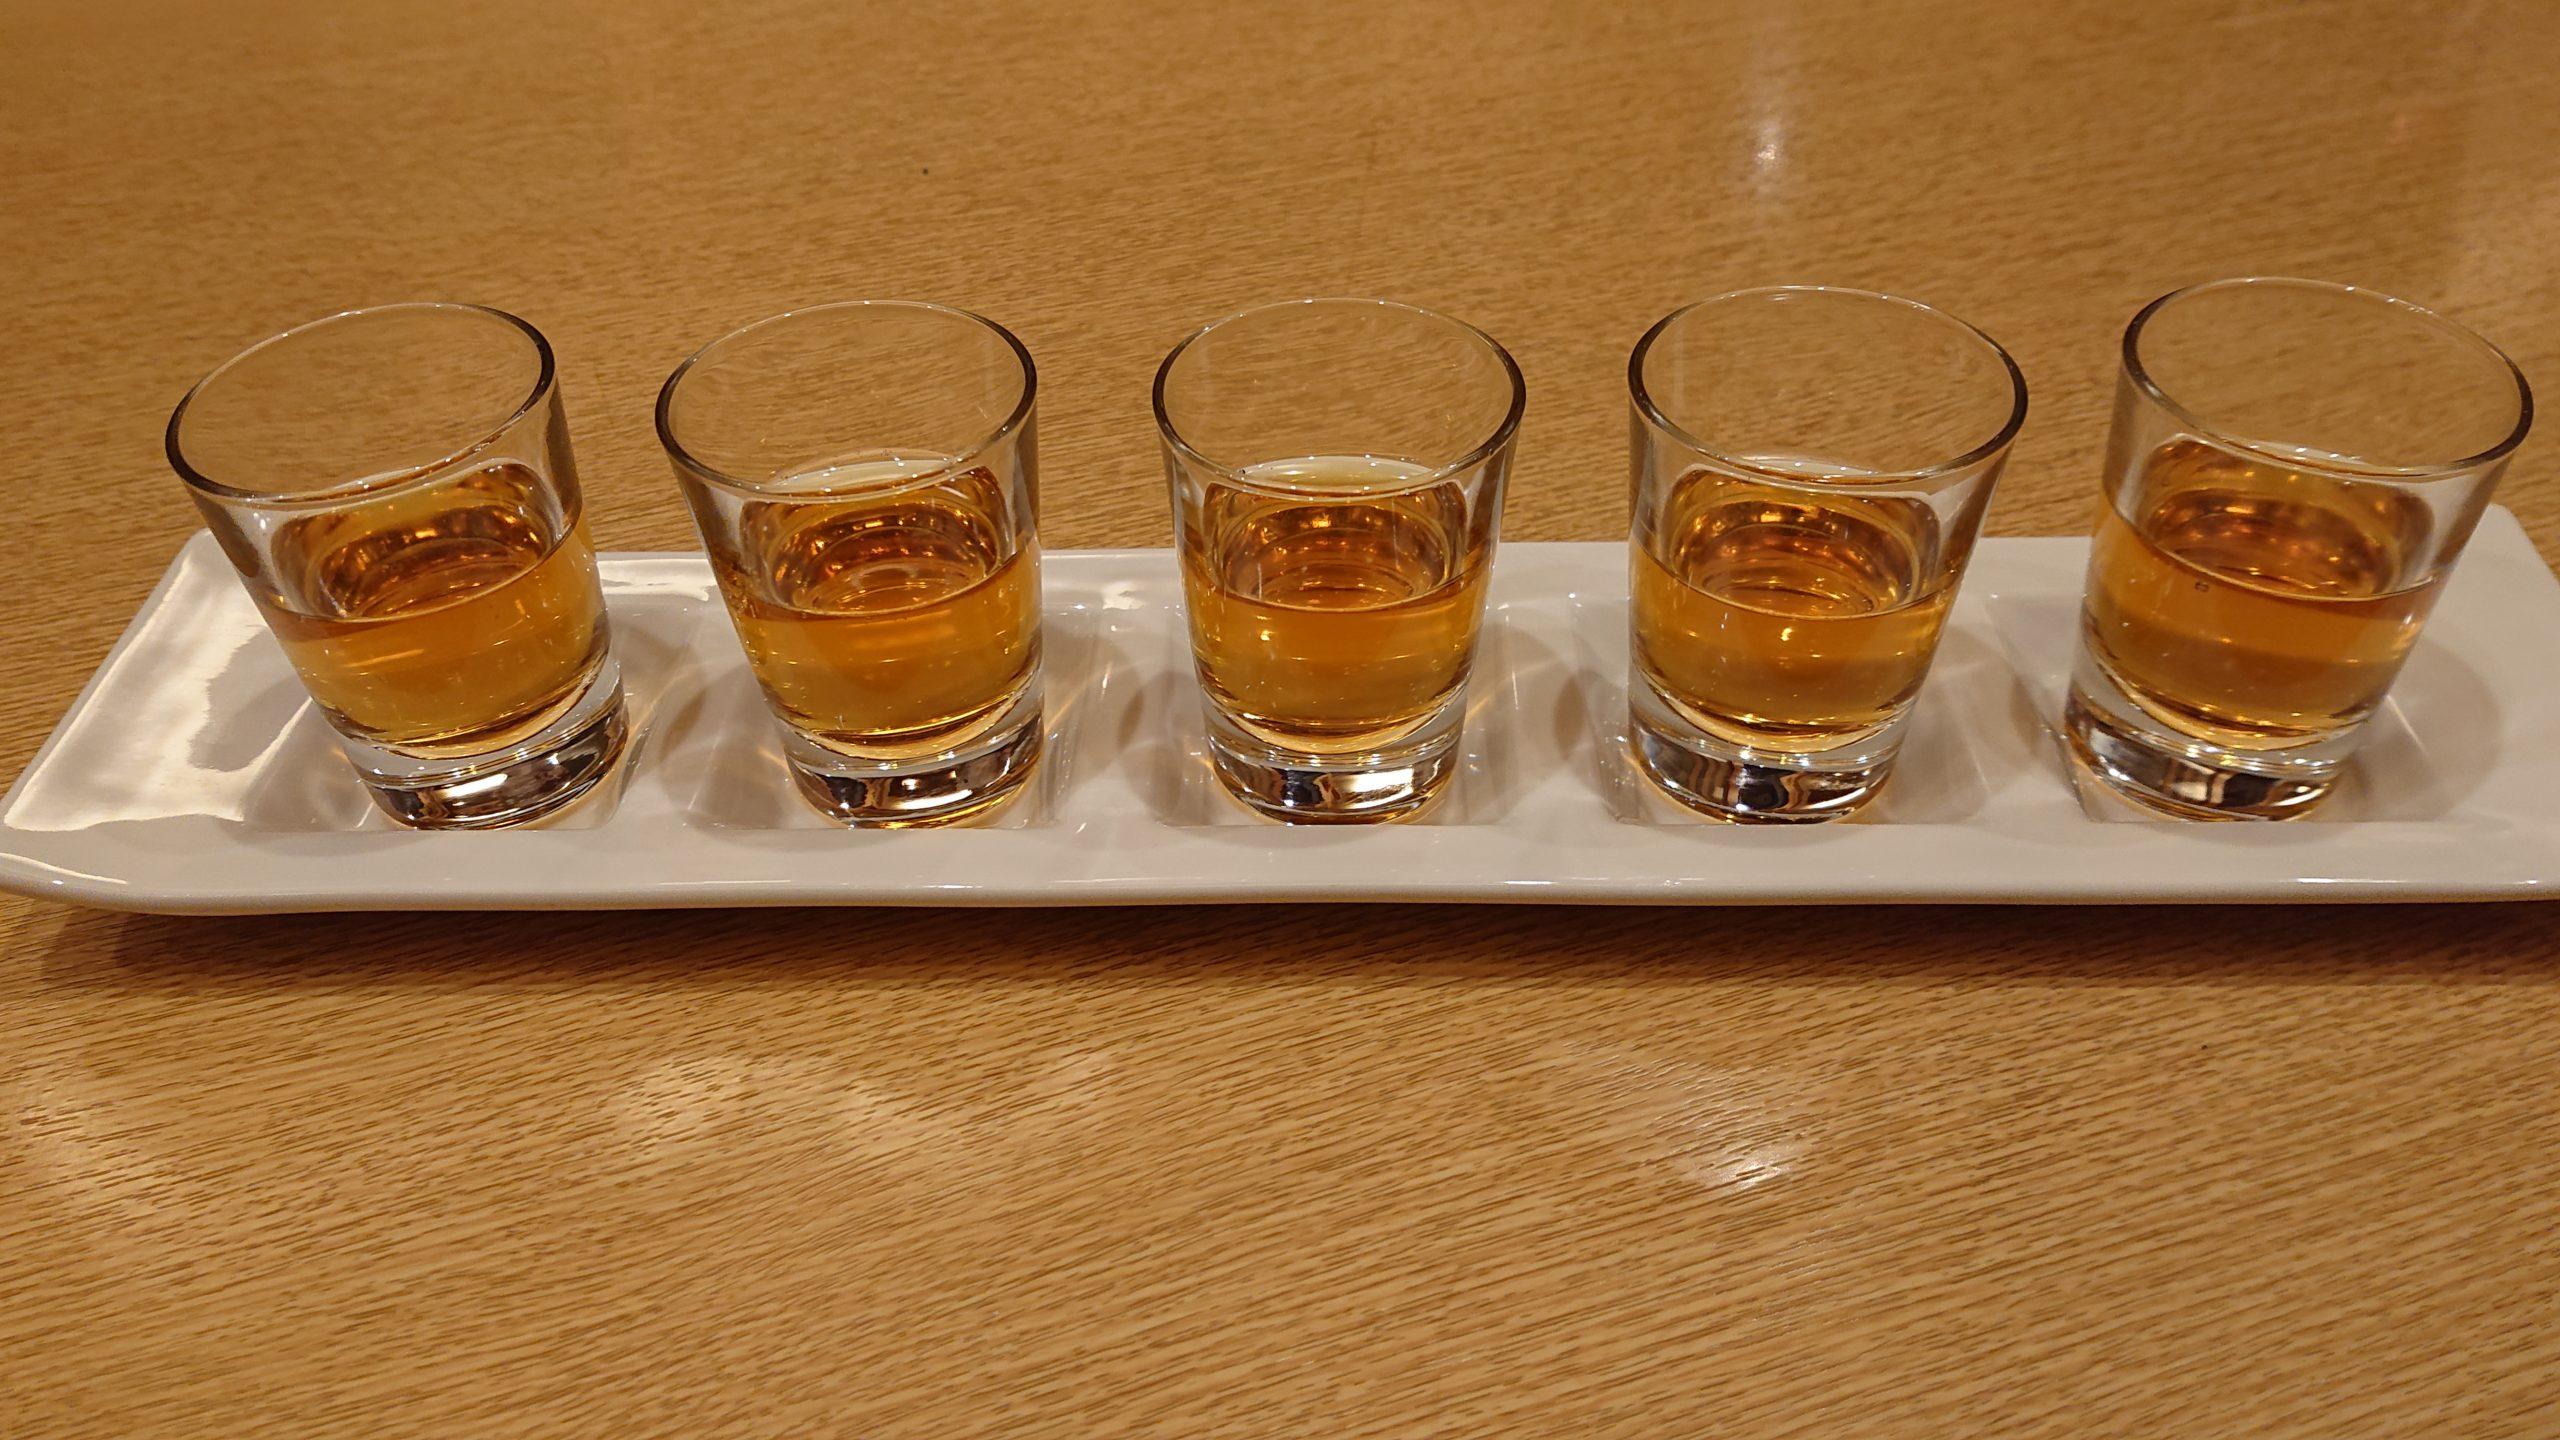 ウーロン茶かウイスキーか当てよう 明大前の居酒屋記念日サプライズ